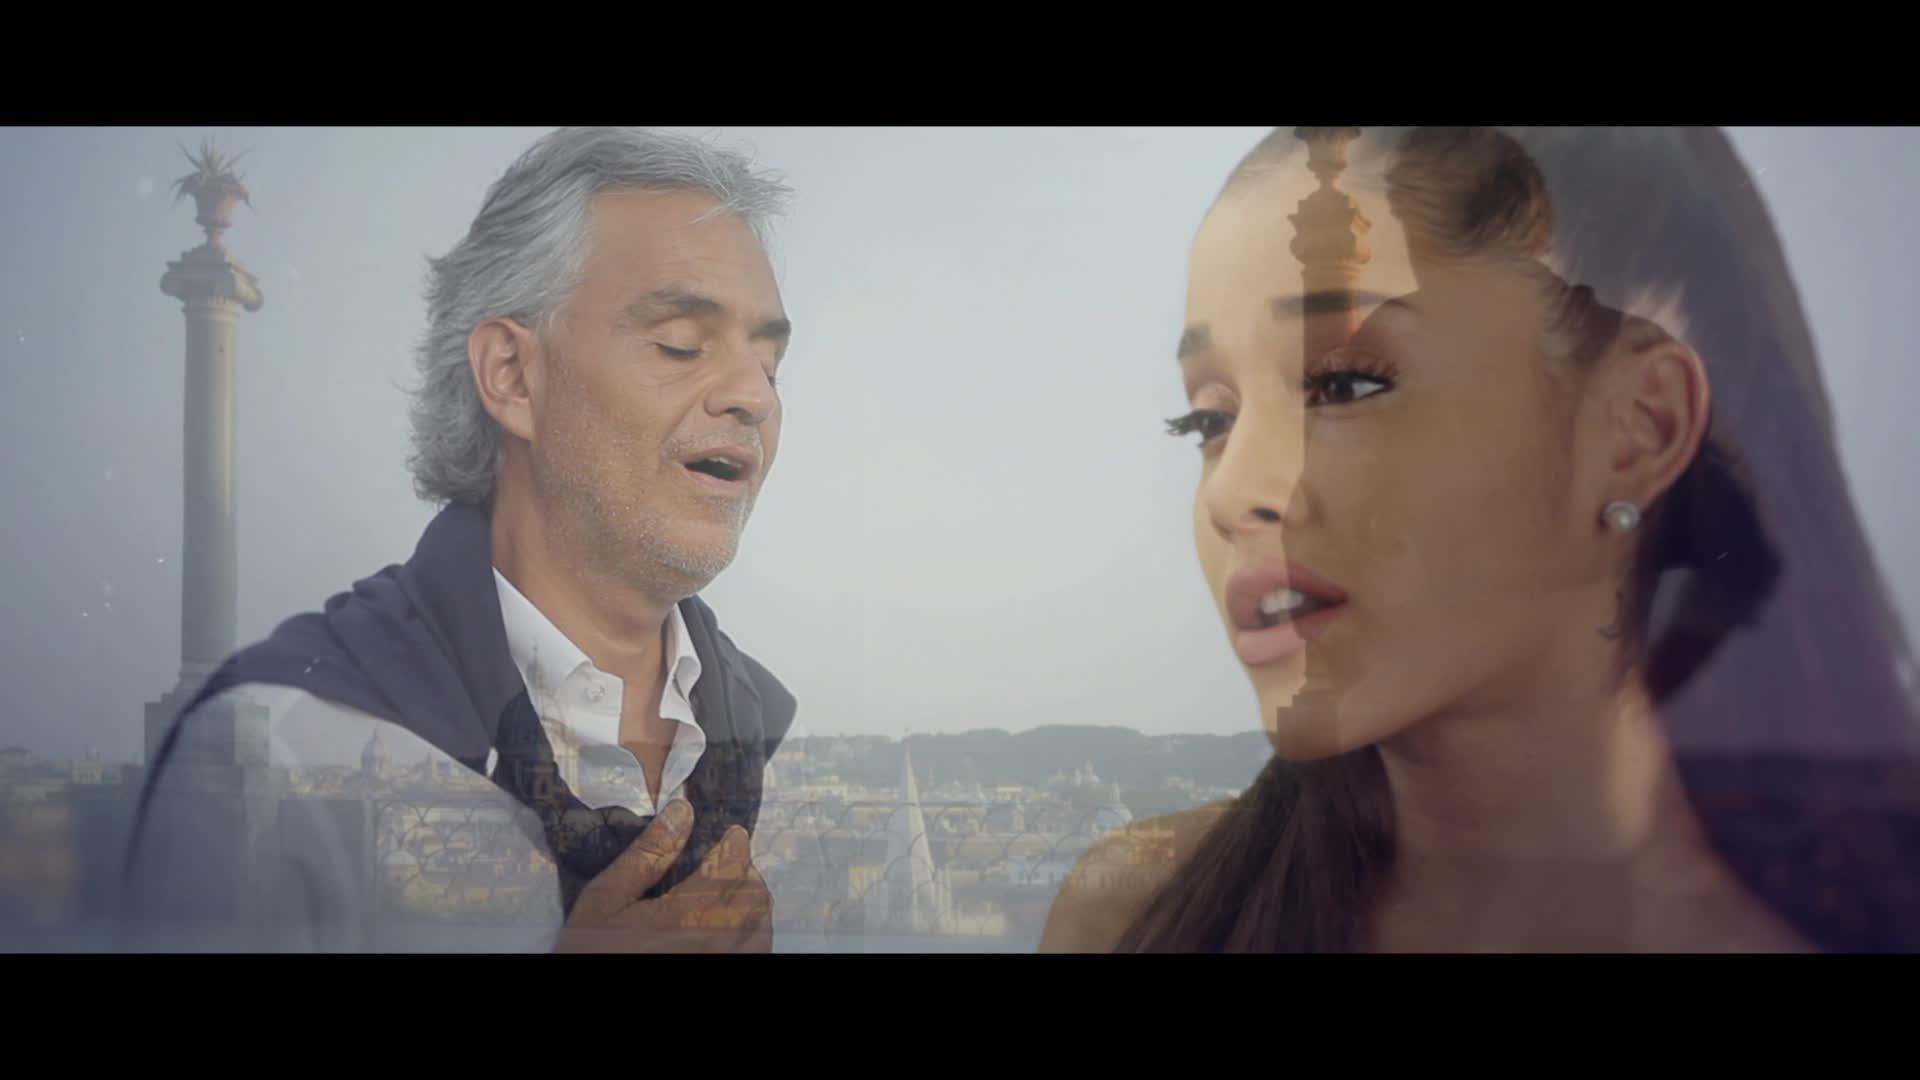 Andrea Bocelli, E Più Ti Penso feat. Ariana Grande